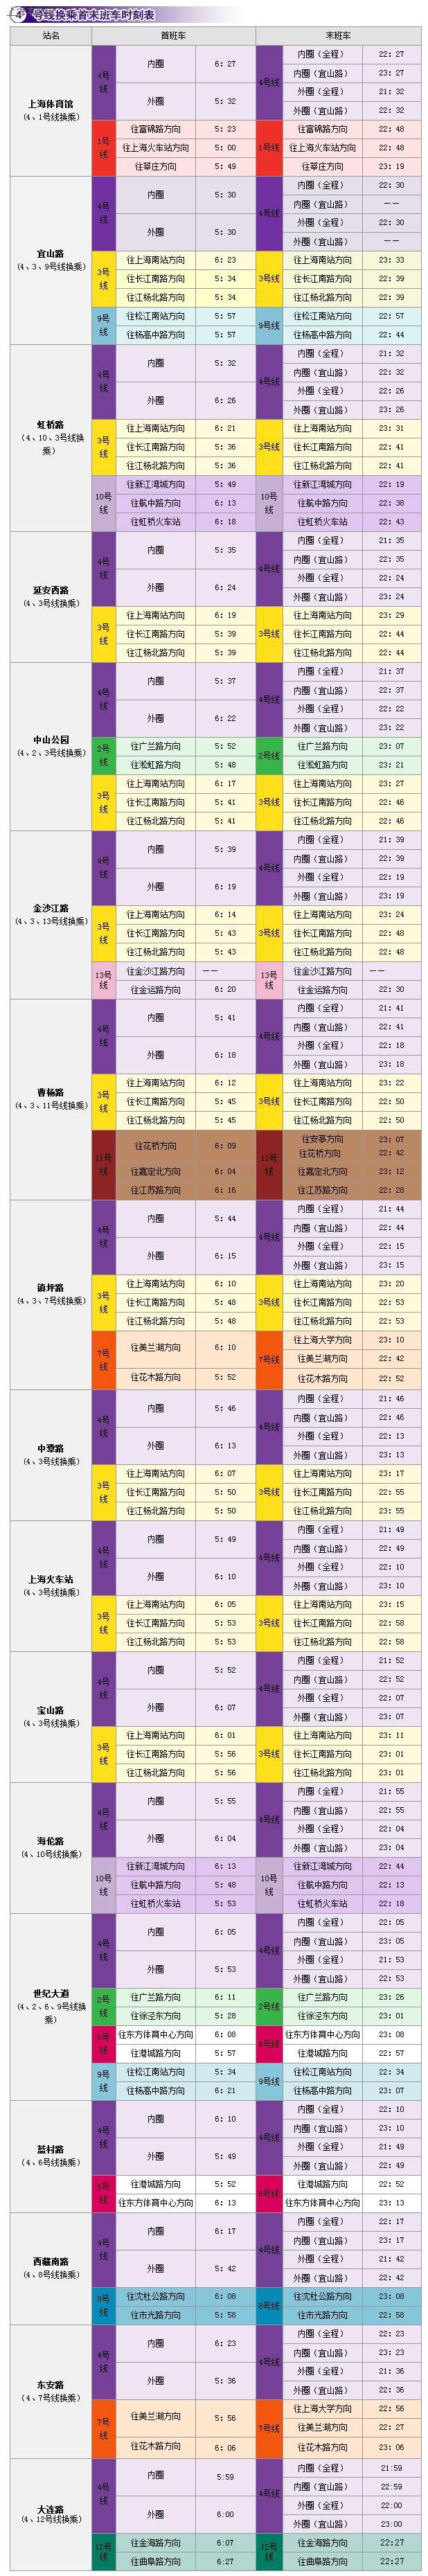 上海地铁二号线时刻_上海地铁4号线时刻表及换乘站点末班车时间- 上海本地宝